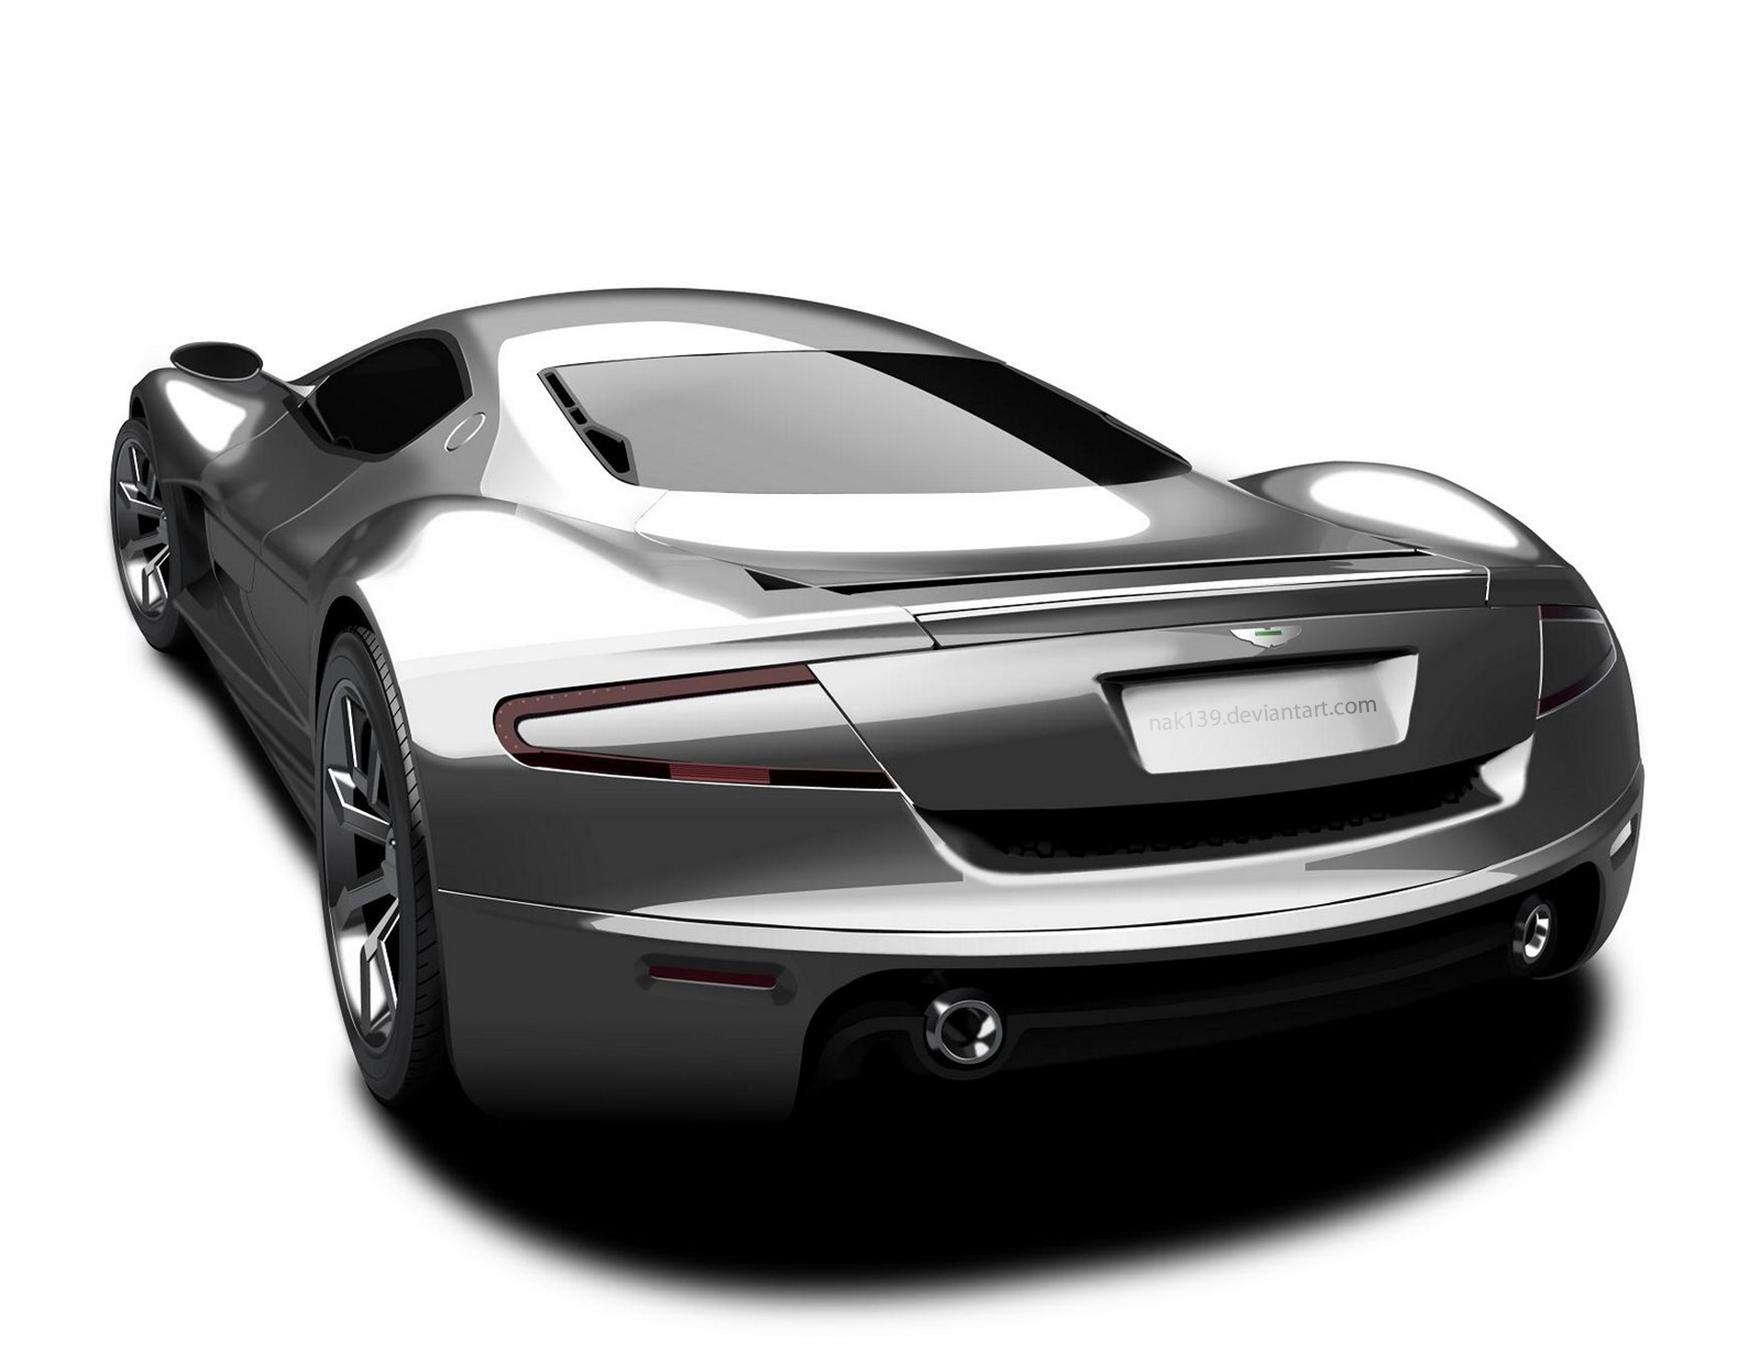 Aston Martin Vector By Nak139 Aston Martin Vector By Nak139 - Aston Martin Auto Vector, Transparent background PNG HD thumbnail